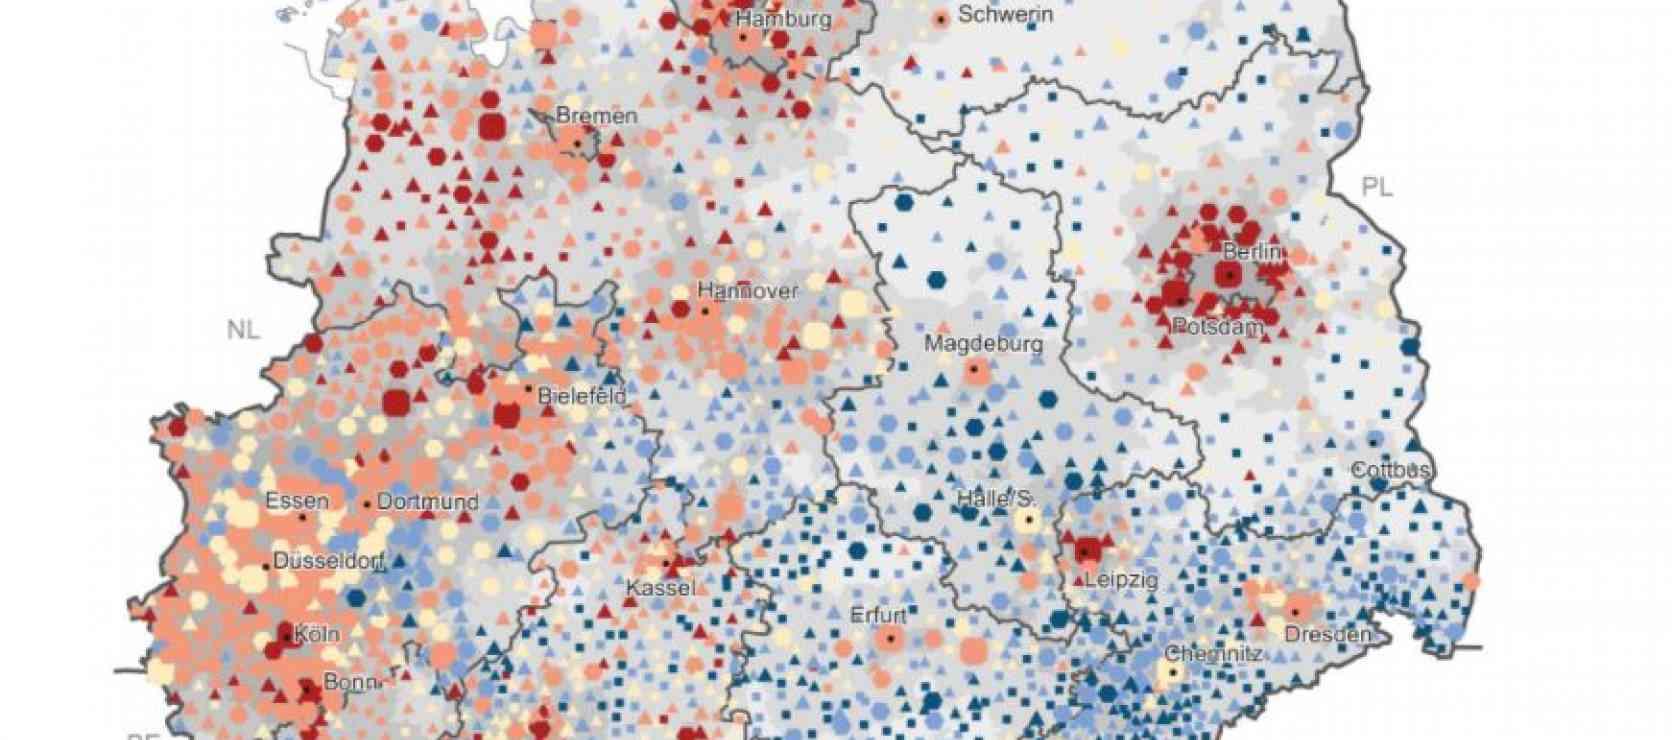 Wachsende und schrumpfende Städte und Gemeinden in Deutschland